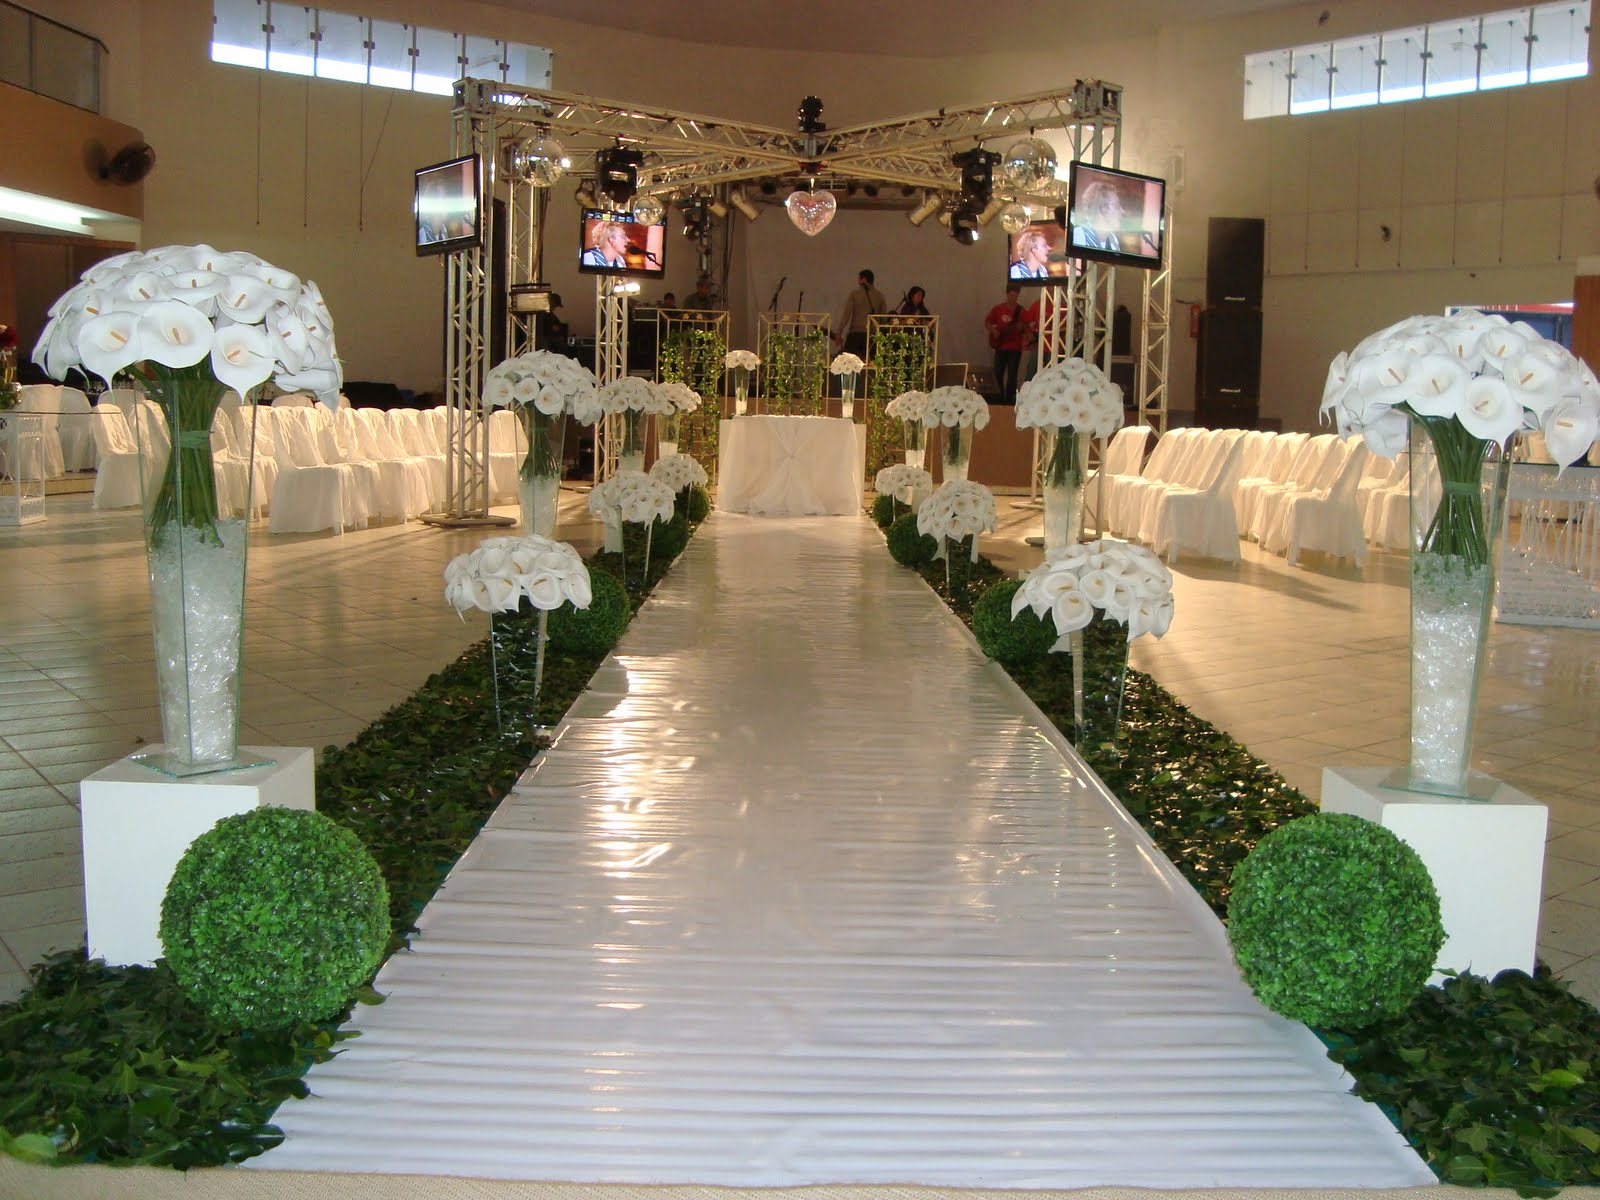 katia decoracoes casamento : katia decorac?es casamento ? Doitri.com